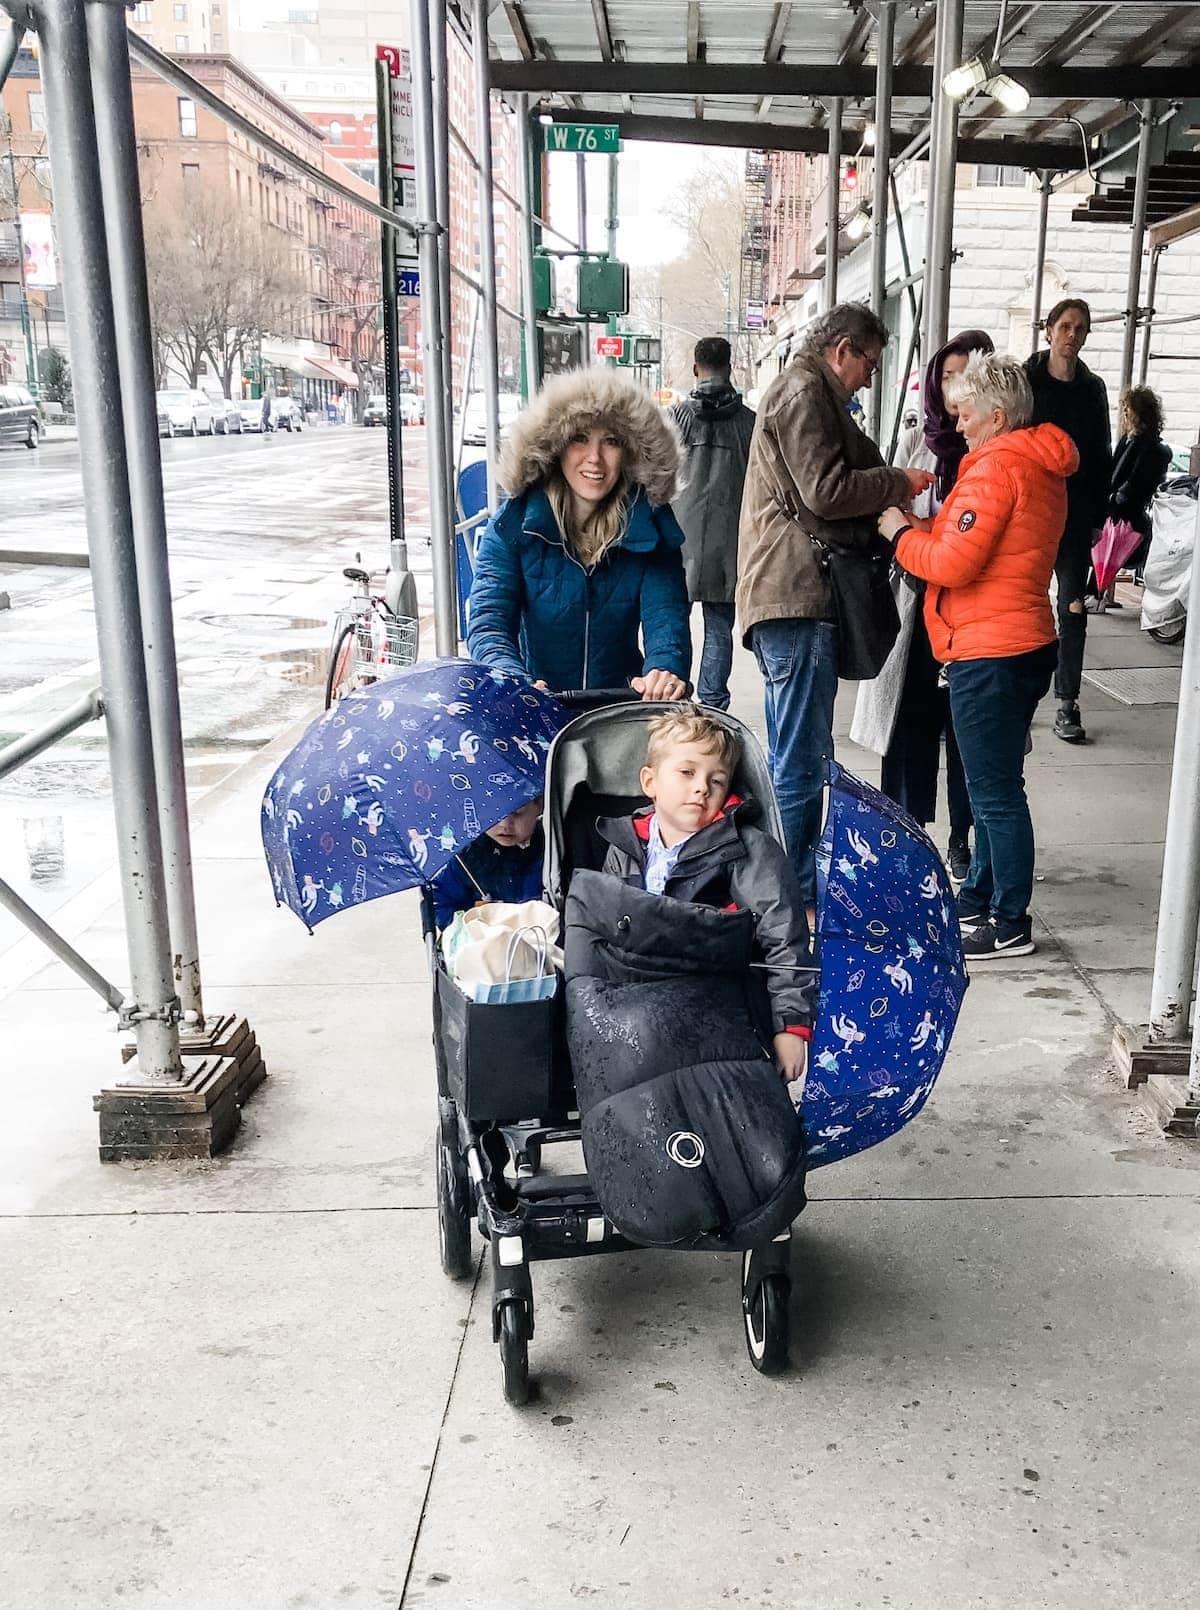 Lauren pushing the stroller Full of kids